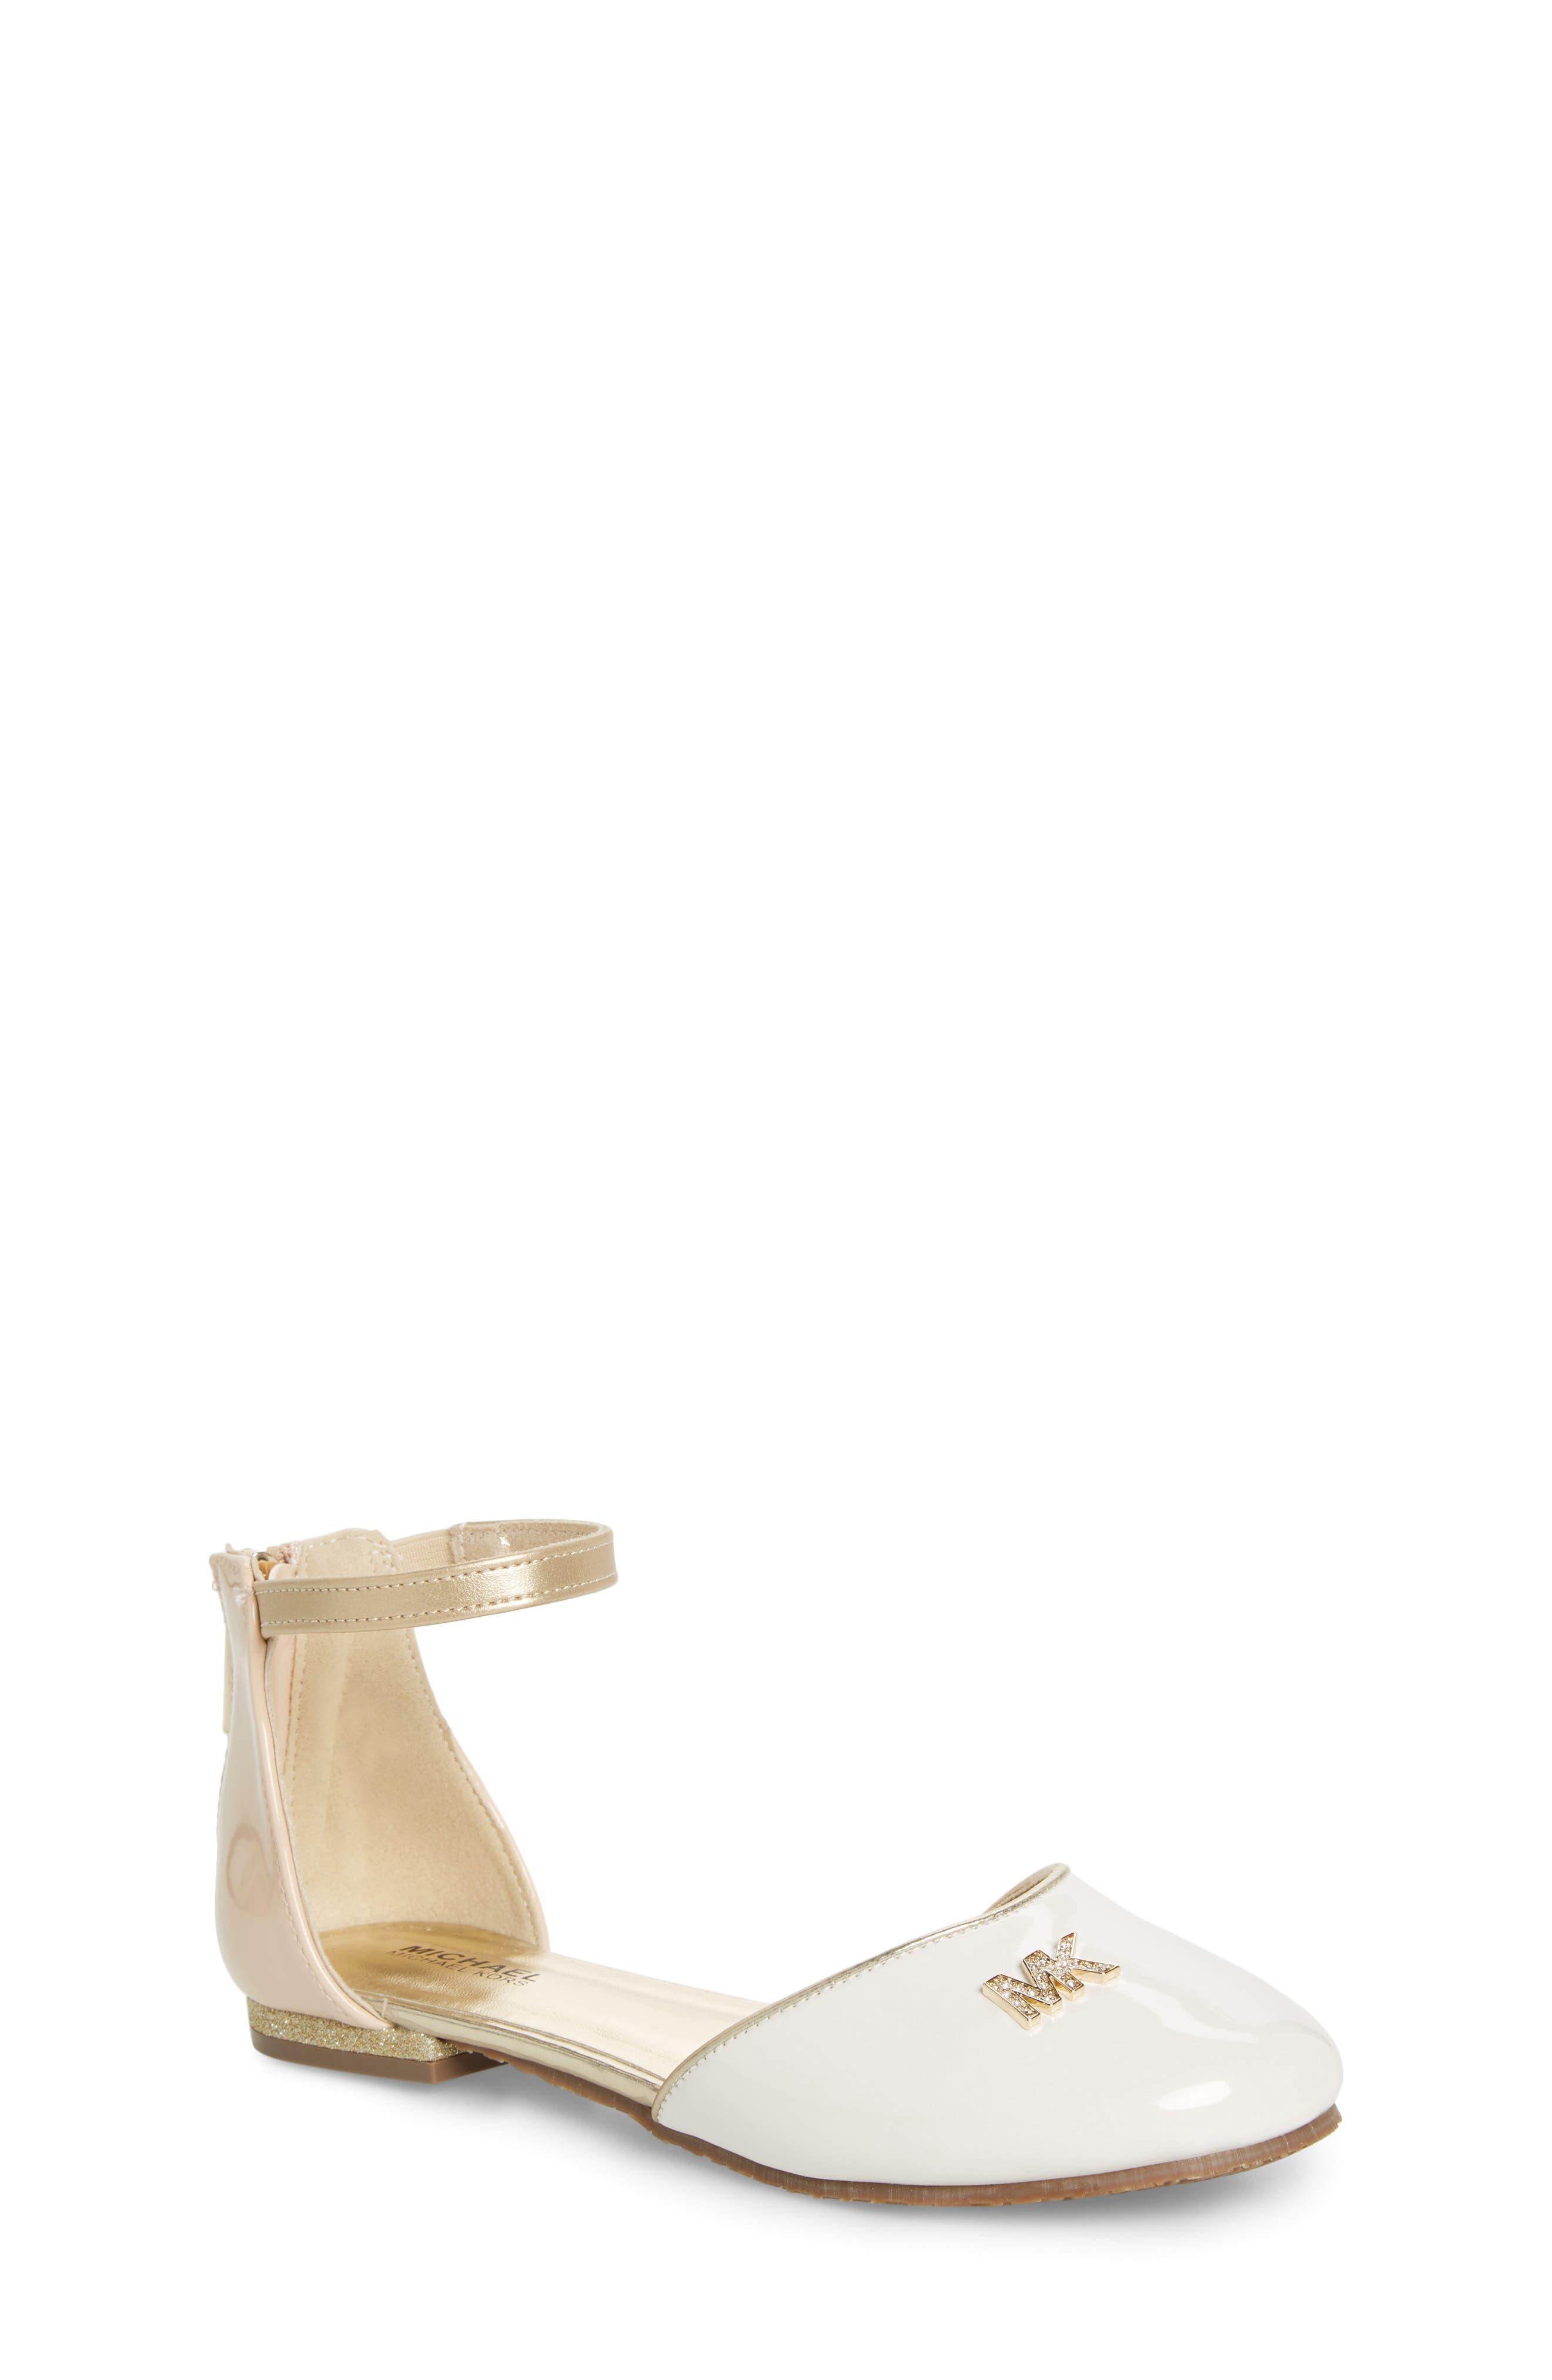 MICHAEL MICHAEL KORS Kitten Kaisa Glitter Heel Sandal, Main, color, GOLD MULTI